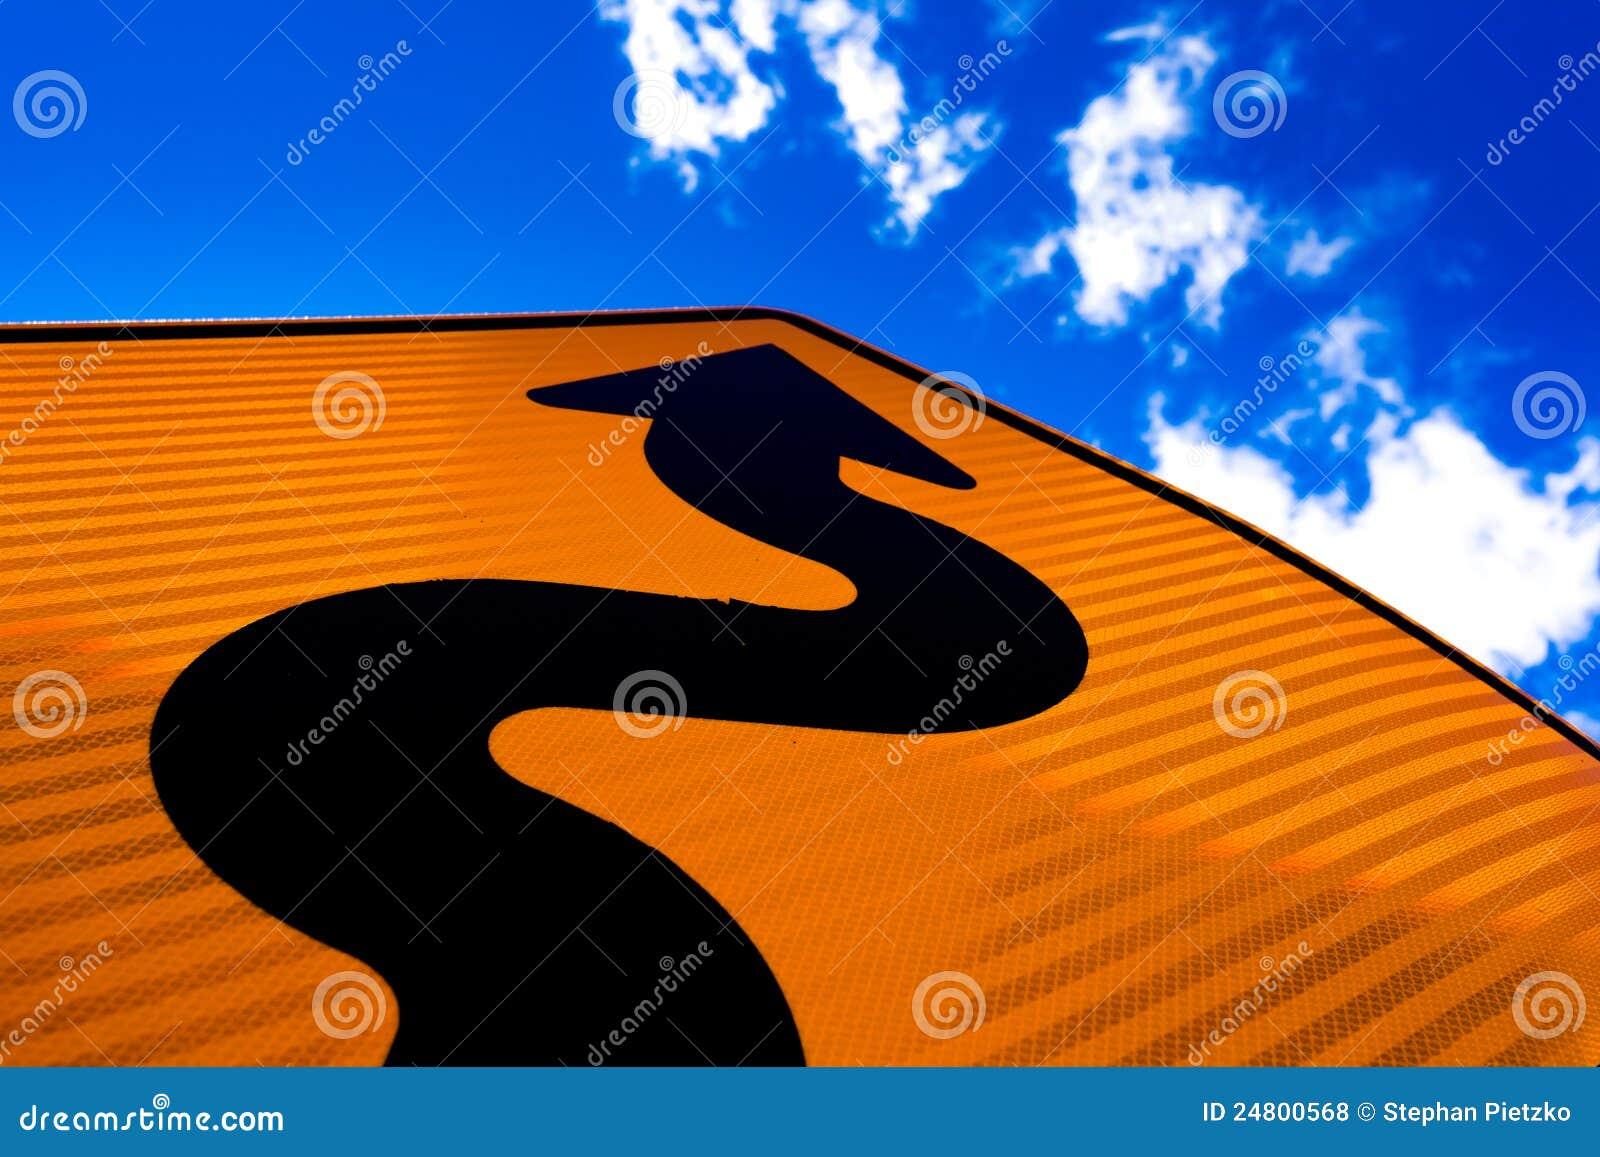 βέλος που δείχνει την επιτυχία οδικών σημαδιών επάνω κυματιστή